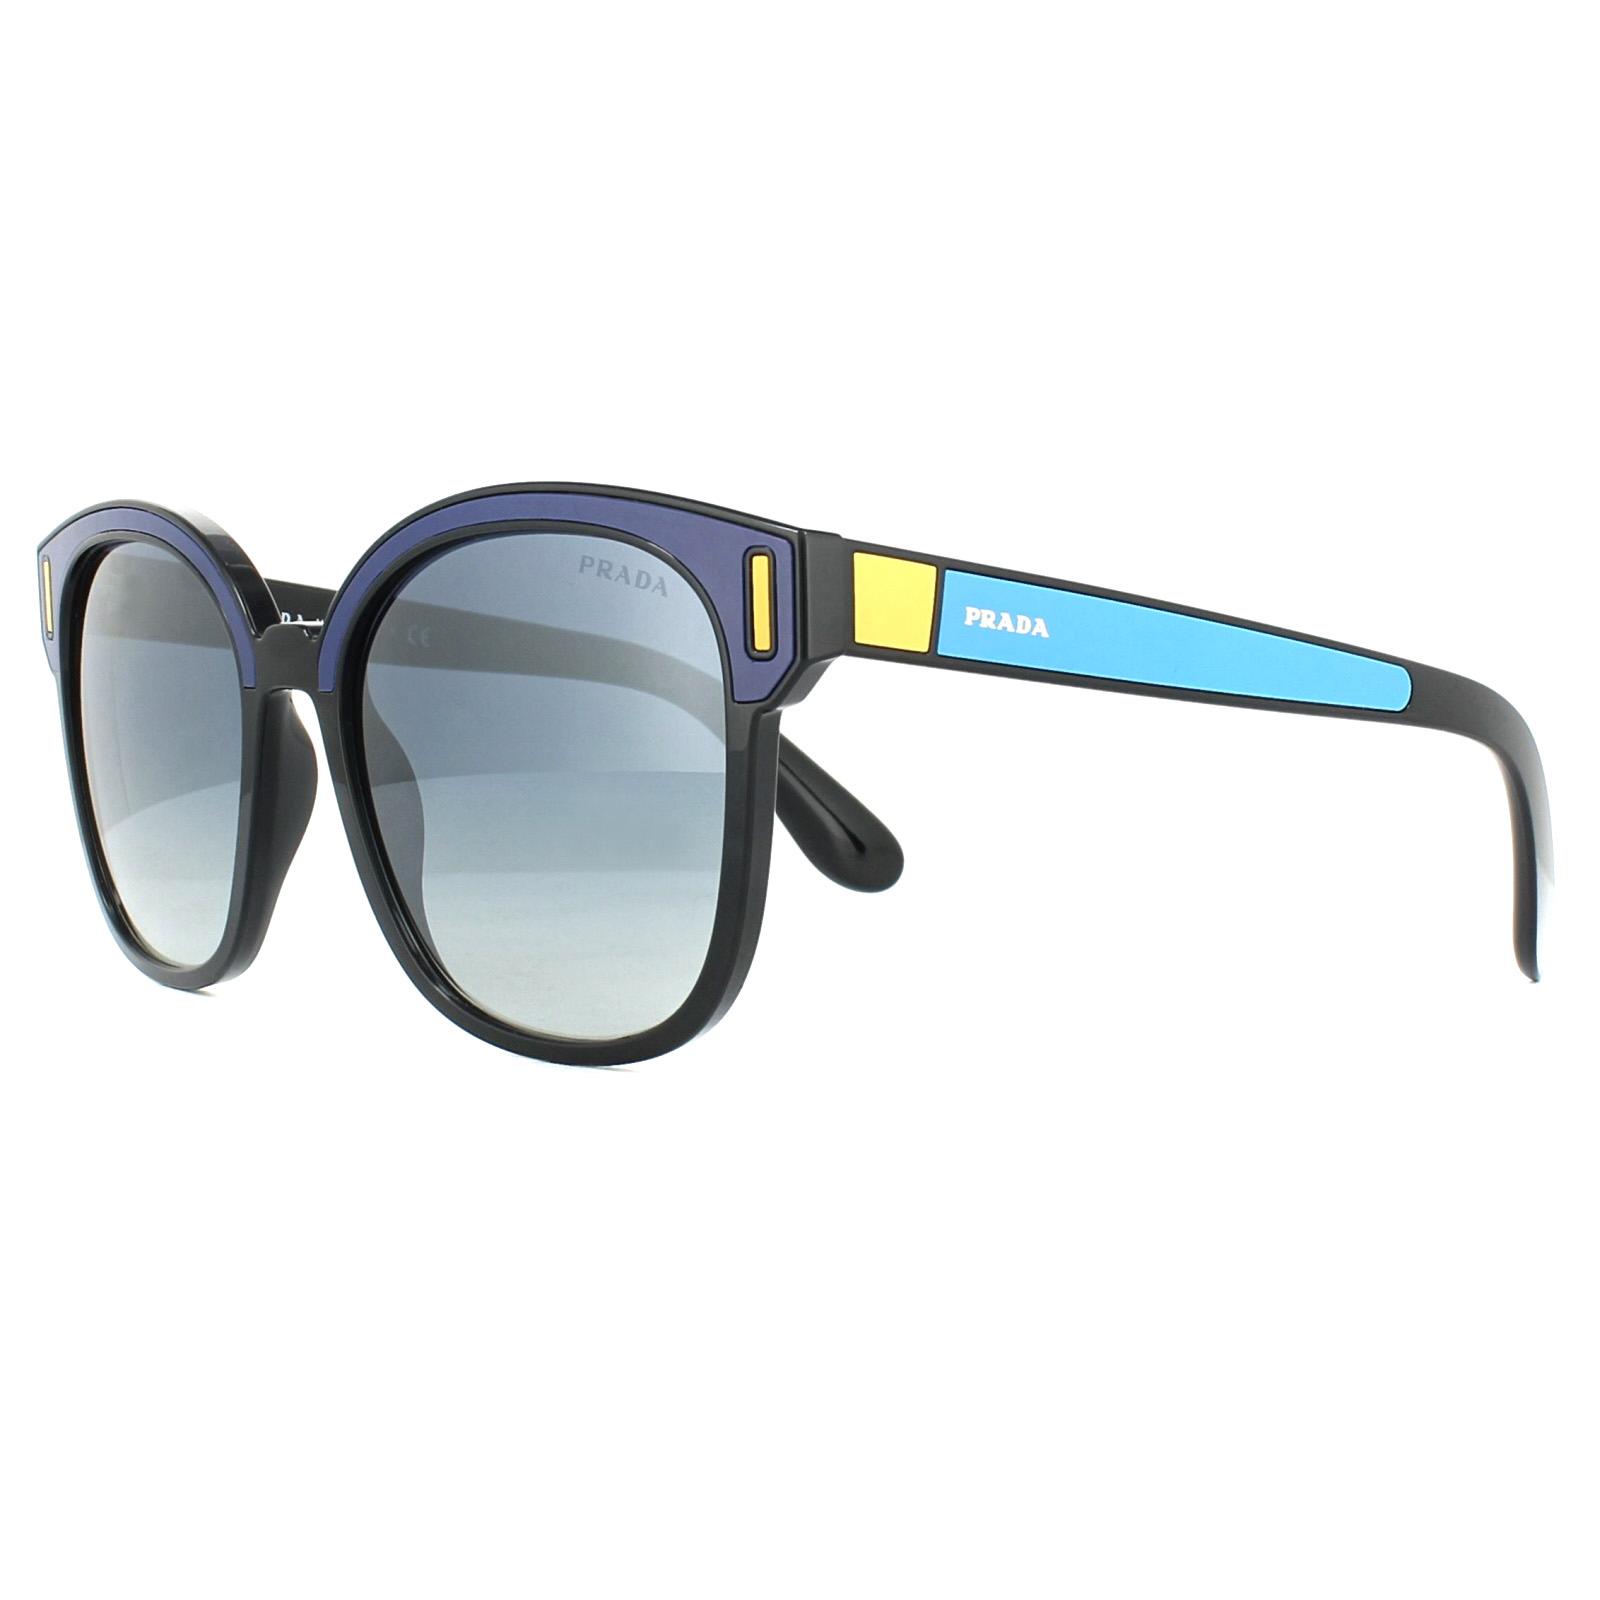 d4b16ea3072a ... get sentinel prada sunglasses 05us sui3a0 black blue yellow grey blue  gradient a8533 d7f06